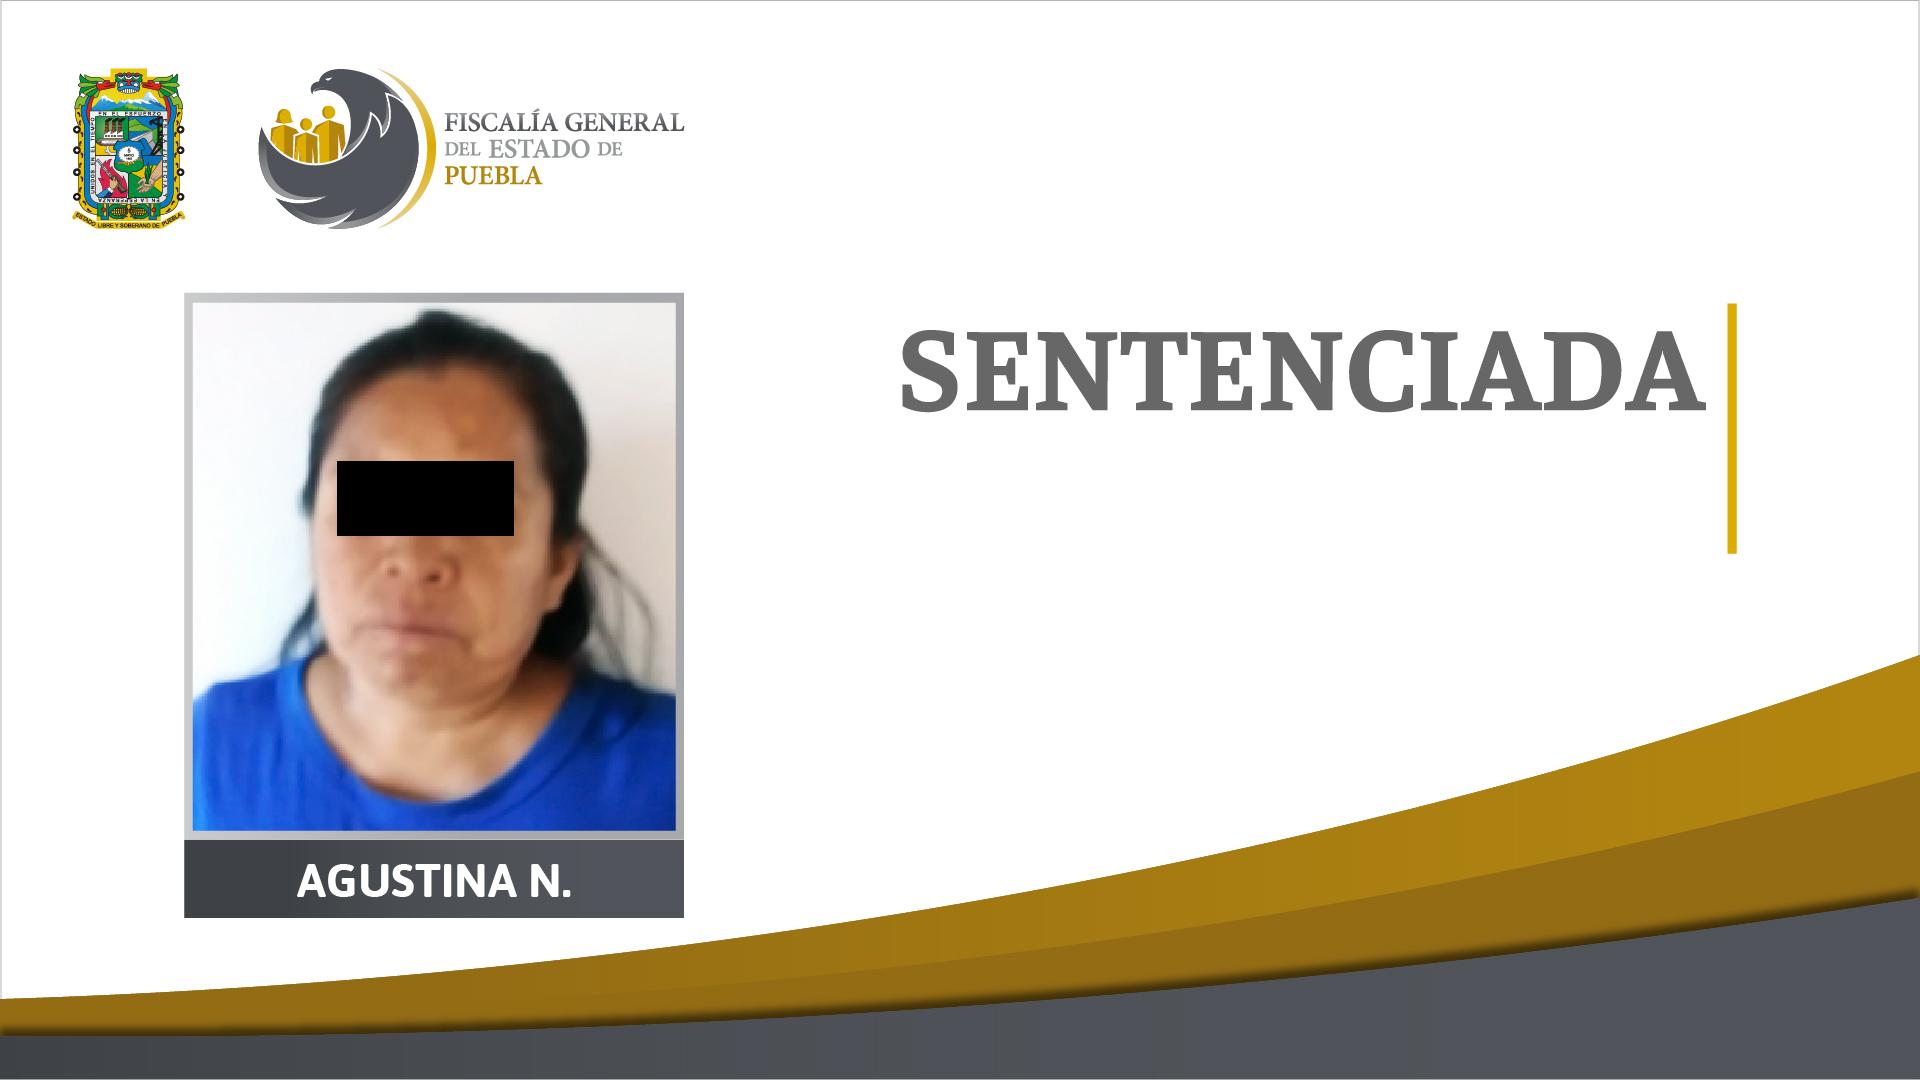 Le dan 22 años de cárcel a Augusta por incitar a linchar a tío y sobrino en Acatlán